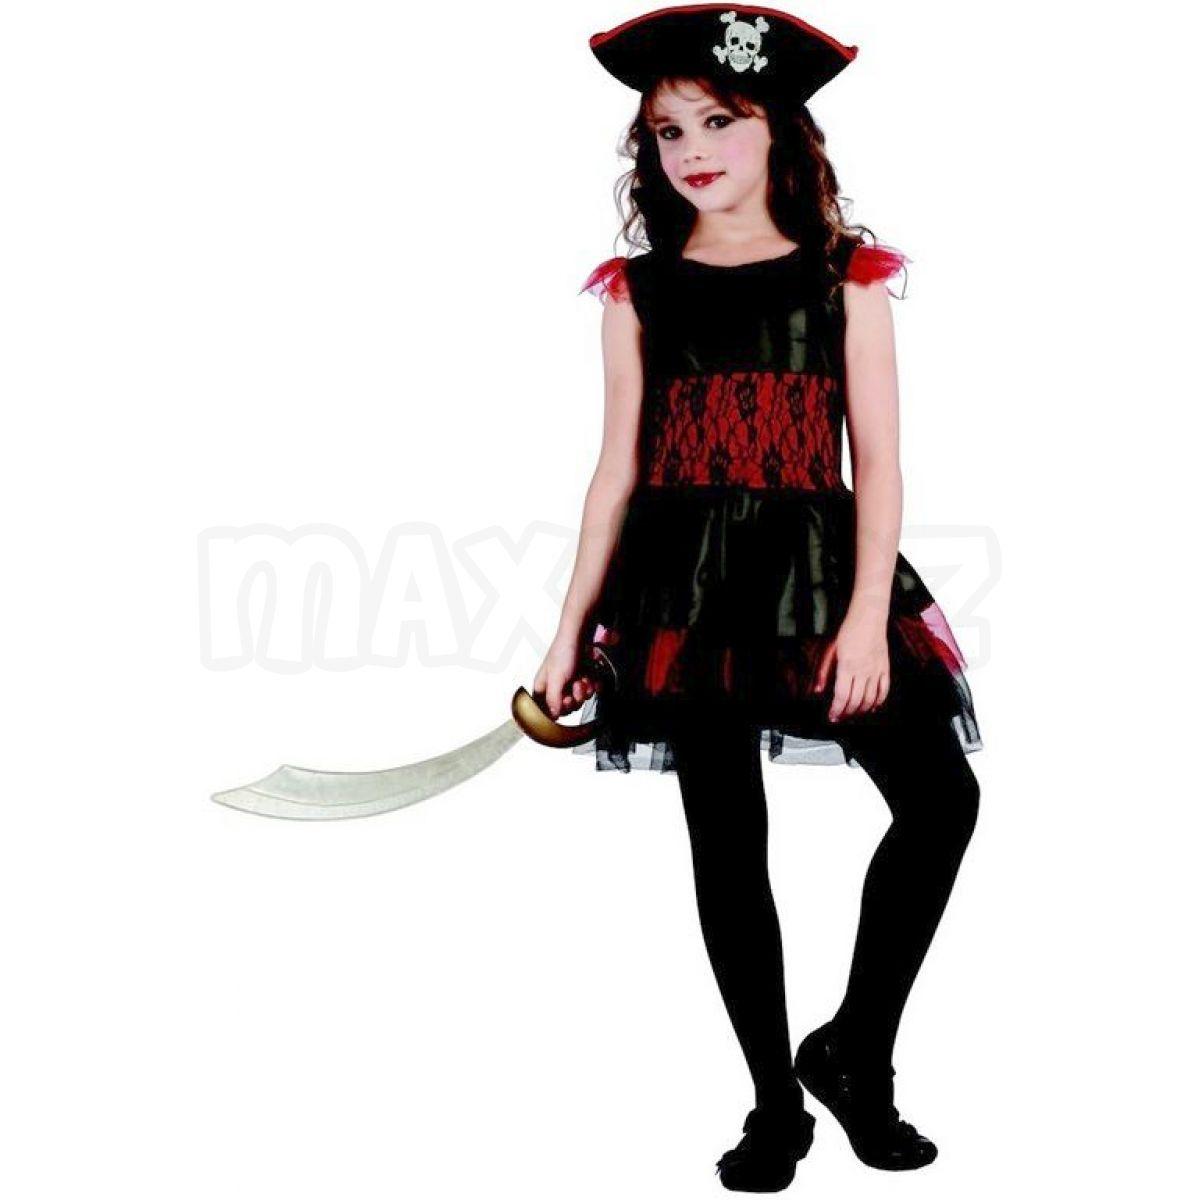 0375fd0cc Made Karnevalový kostým pirátka pro děti 120-130 cm | Maxíkovy hračky